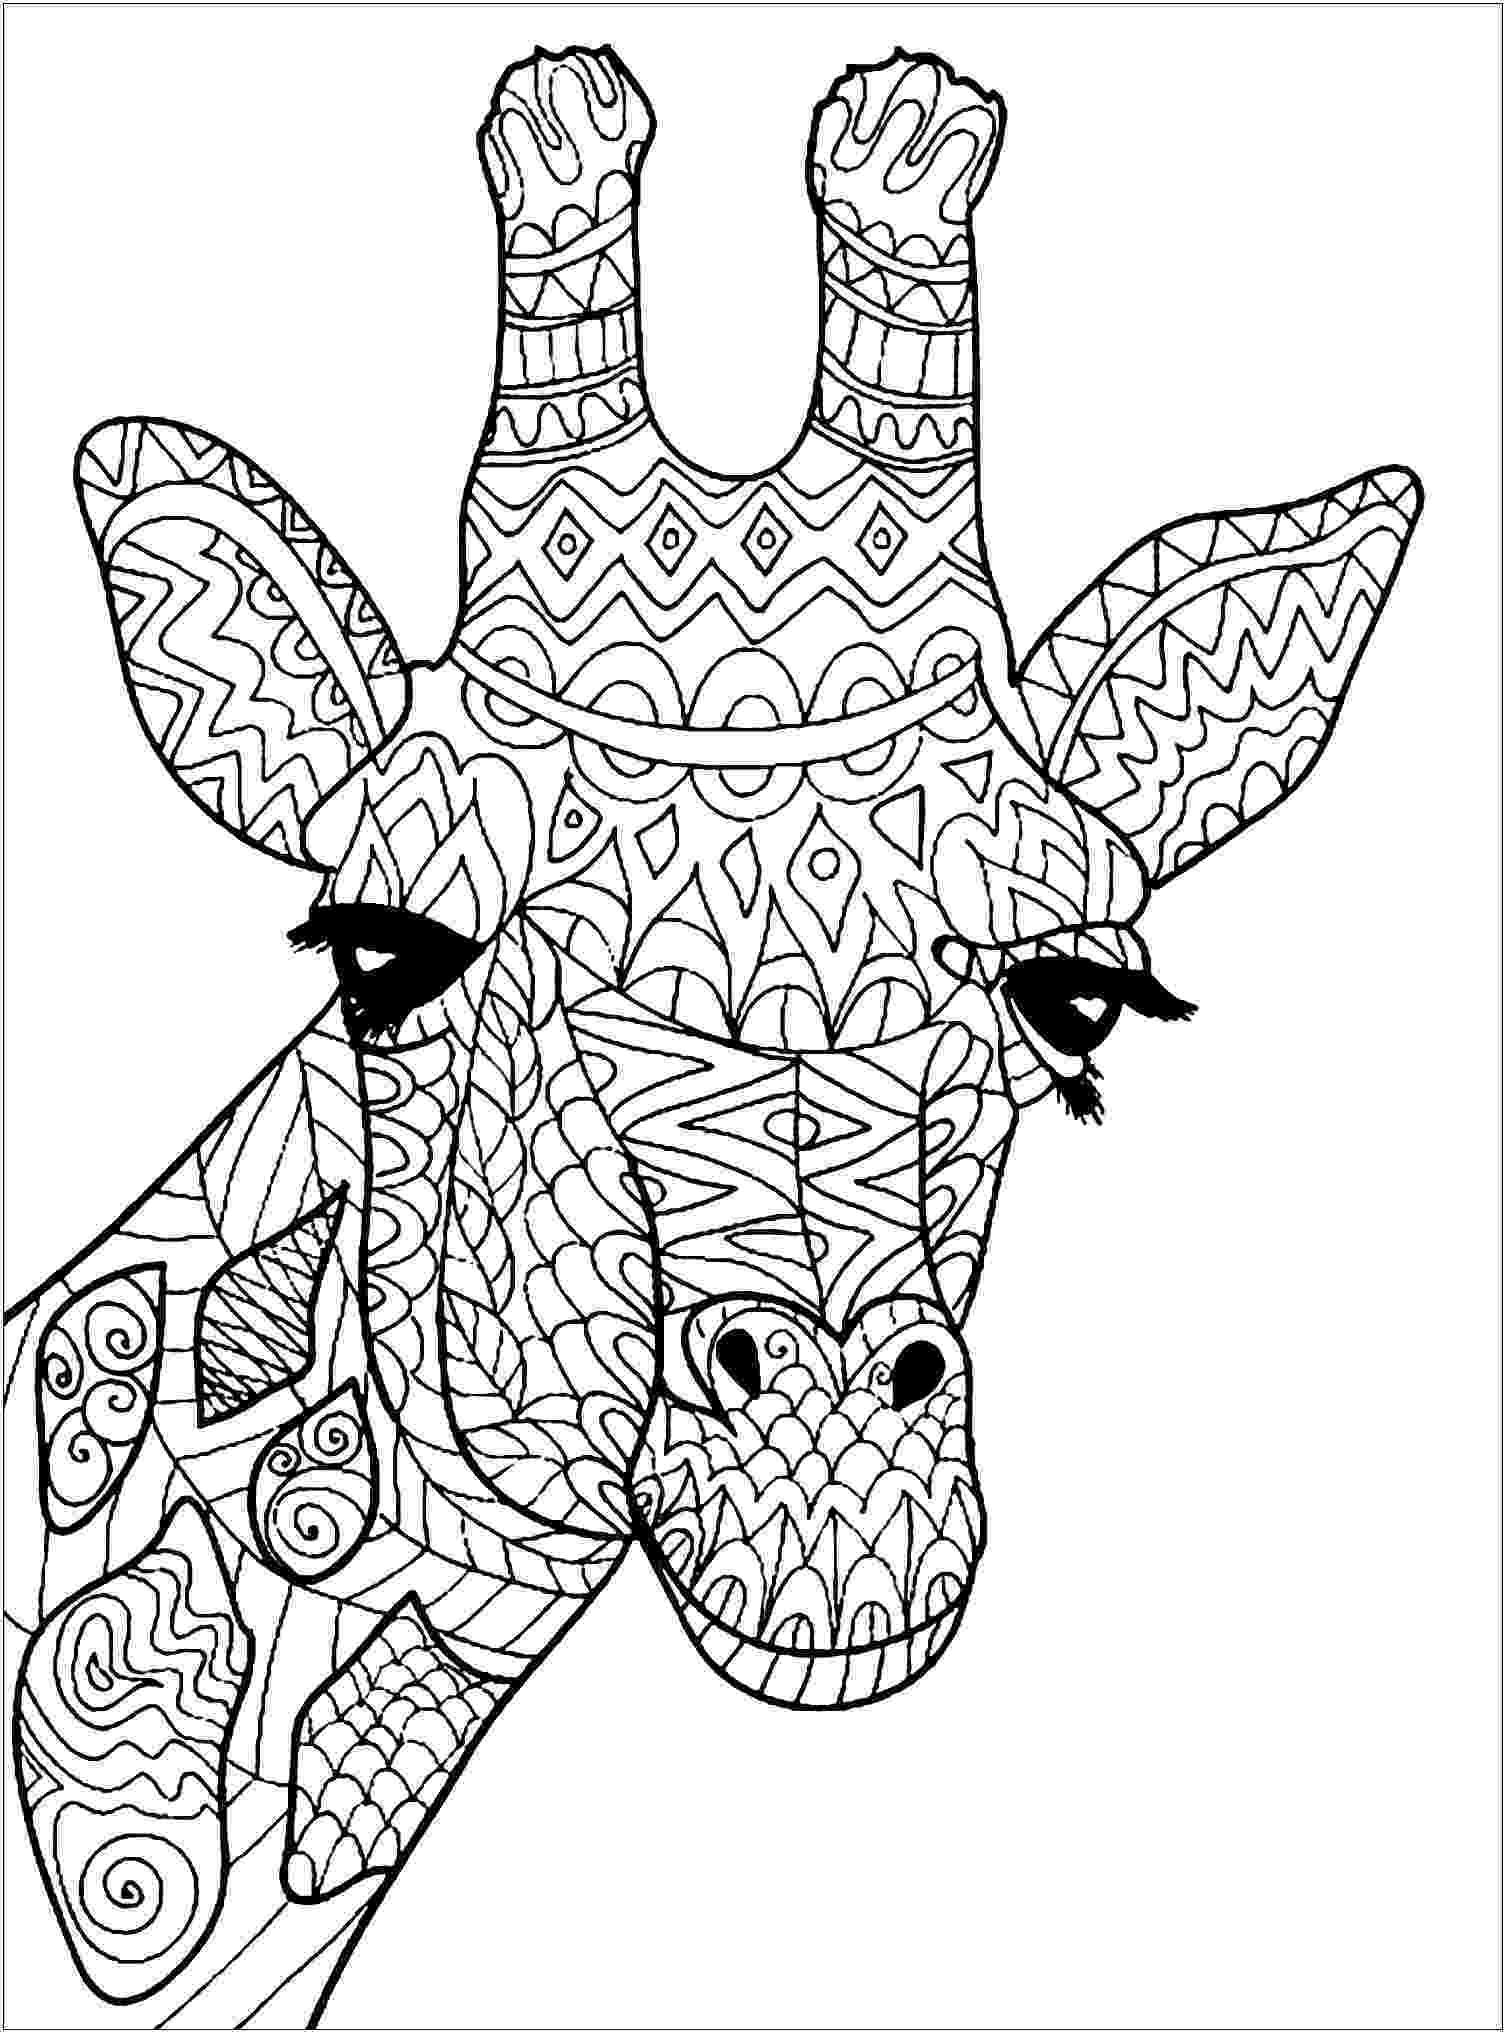 colouring sheet giraffe nice tall giraffe coloring page wecoloringpage giraffe sheet giraffe colouring